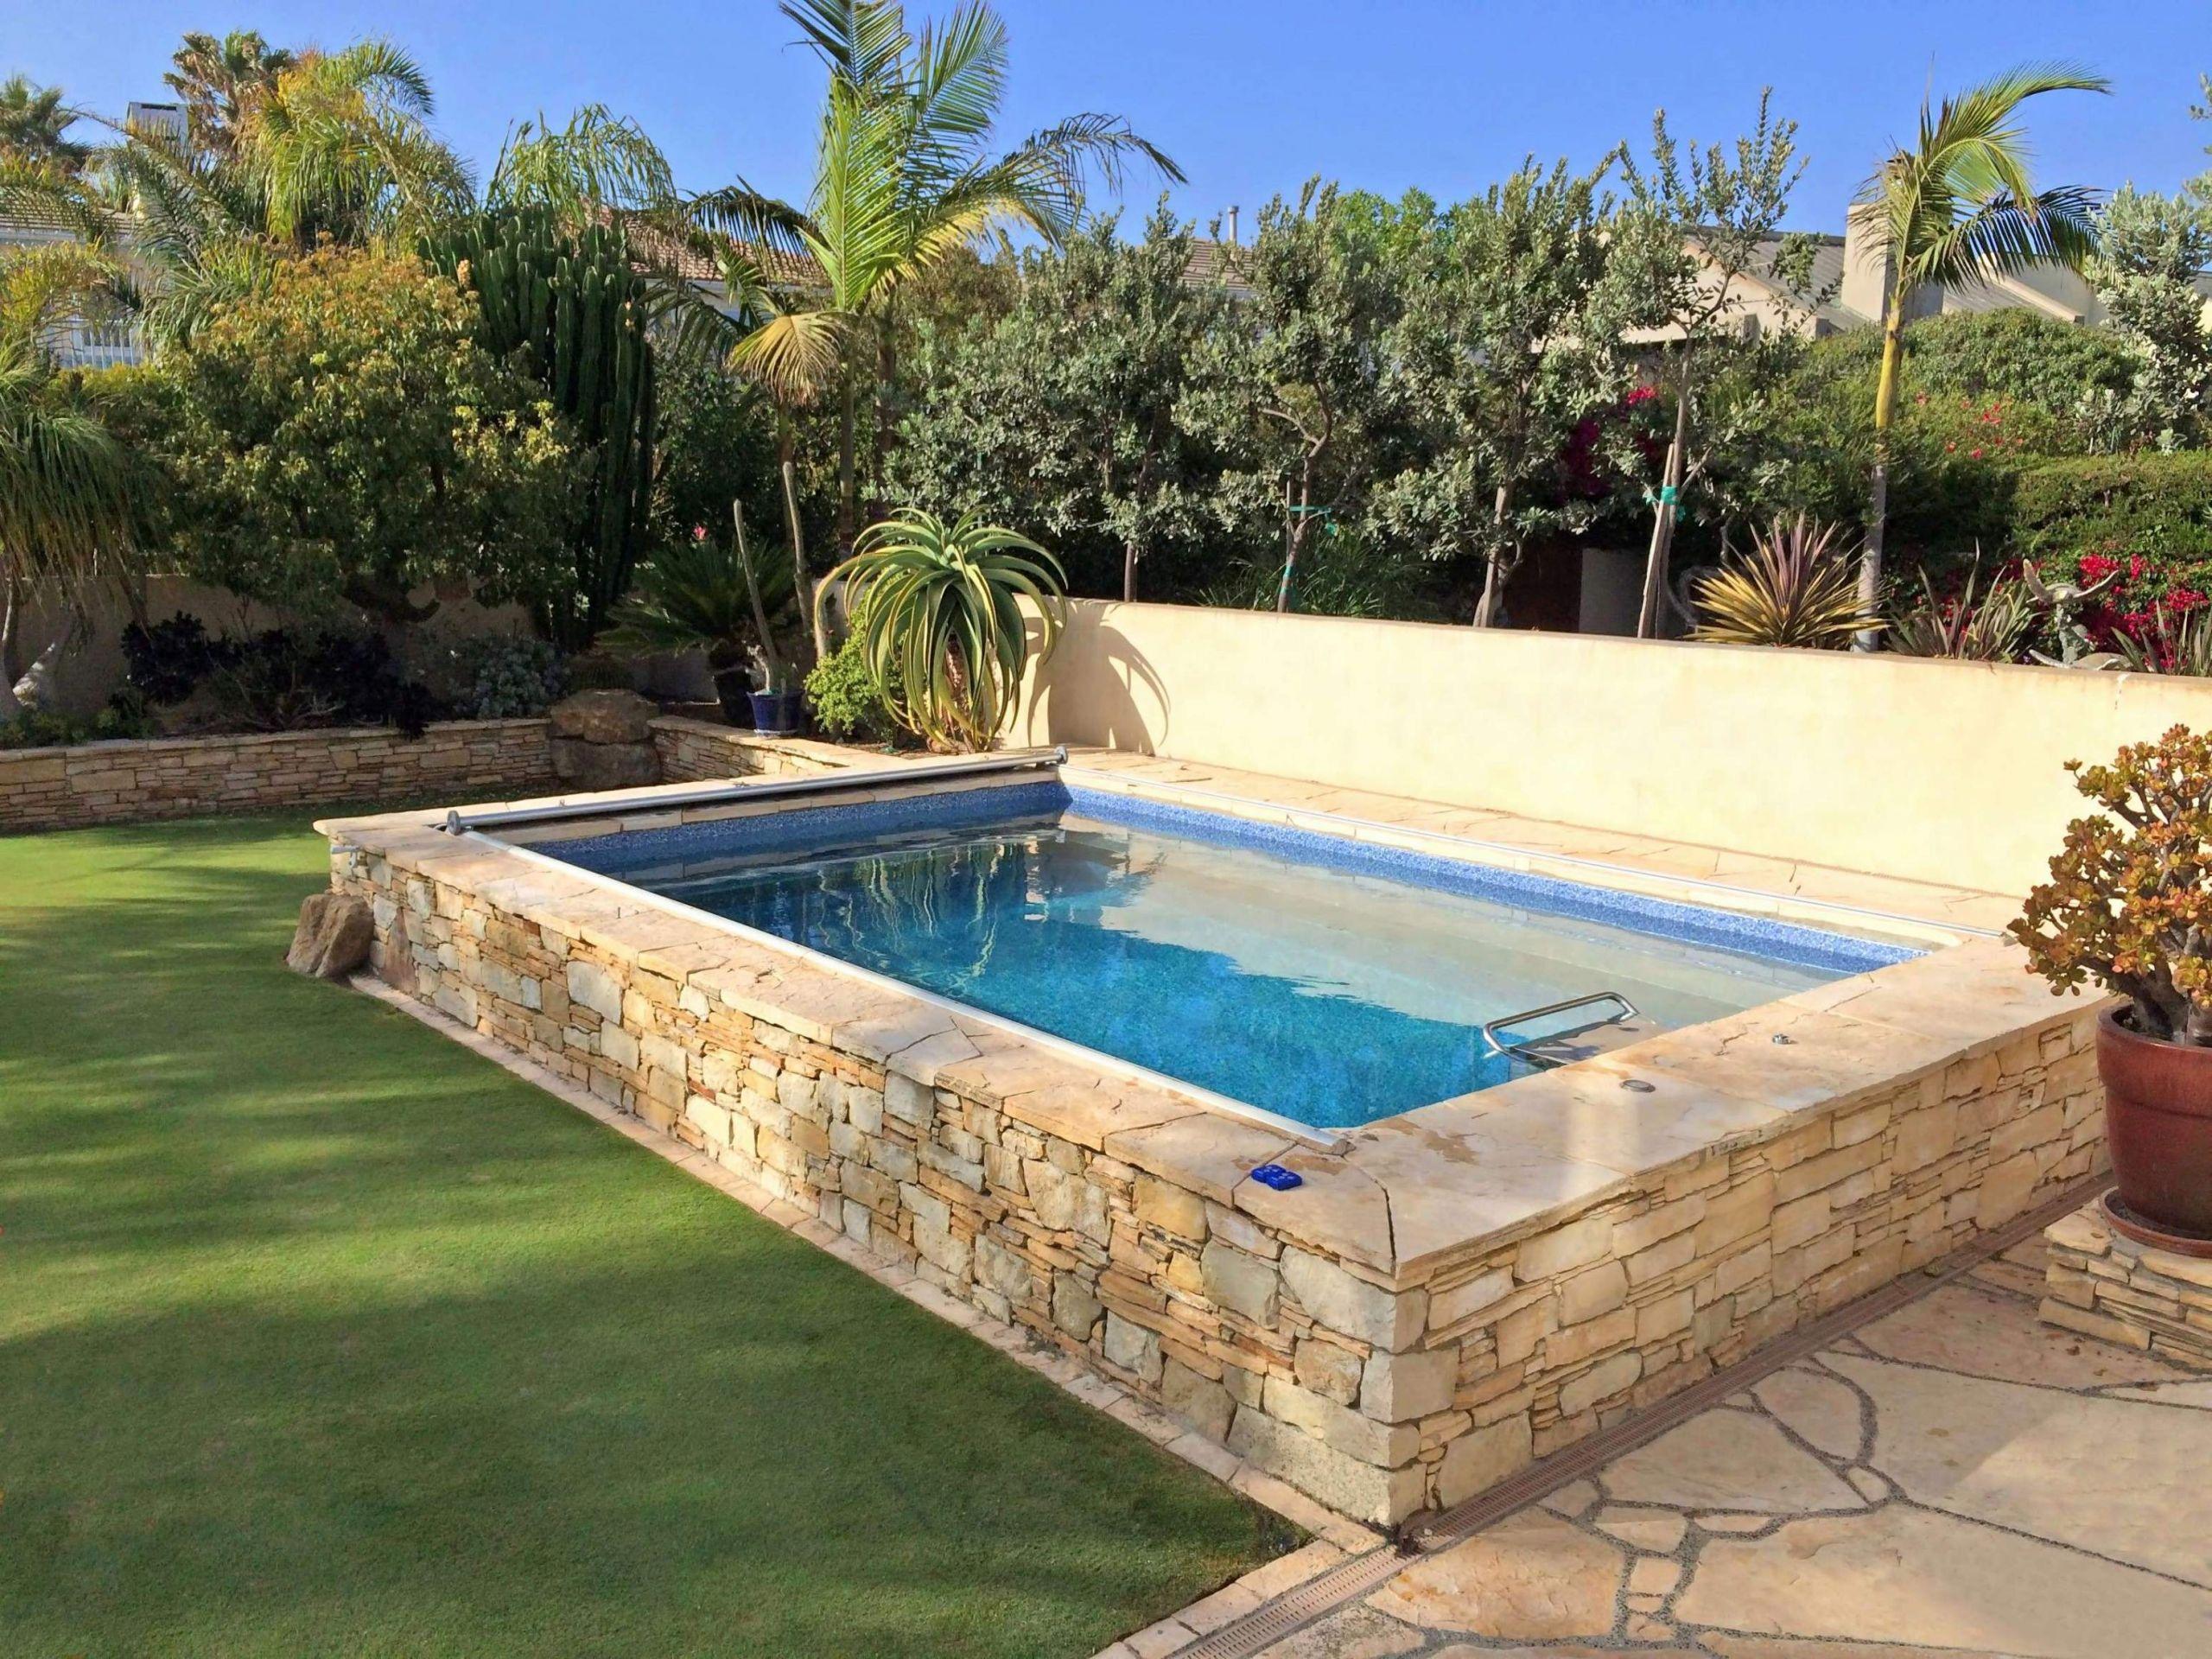 pool im kleinen garten einzigartig kleiner garten mit pool elegant pool kleiner garten pool kleiner garten